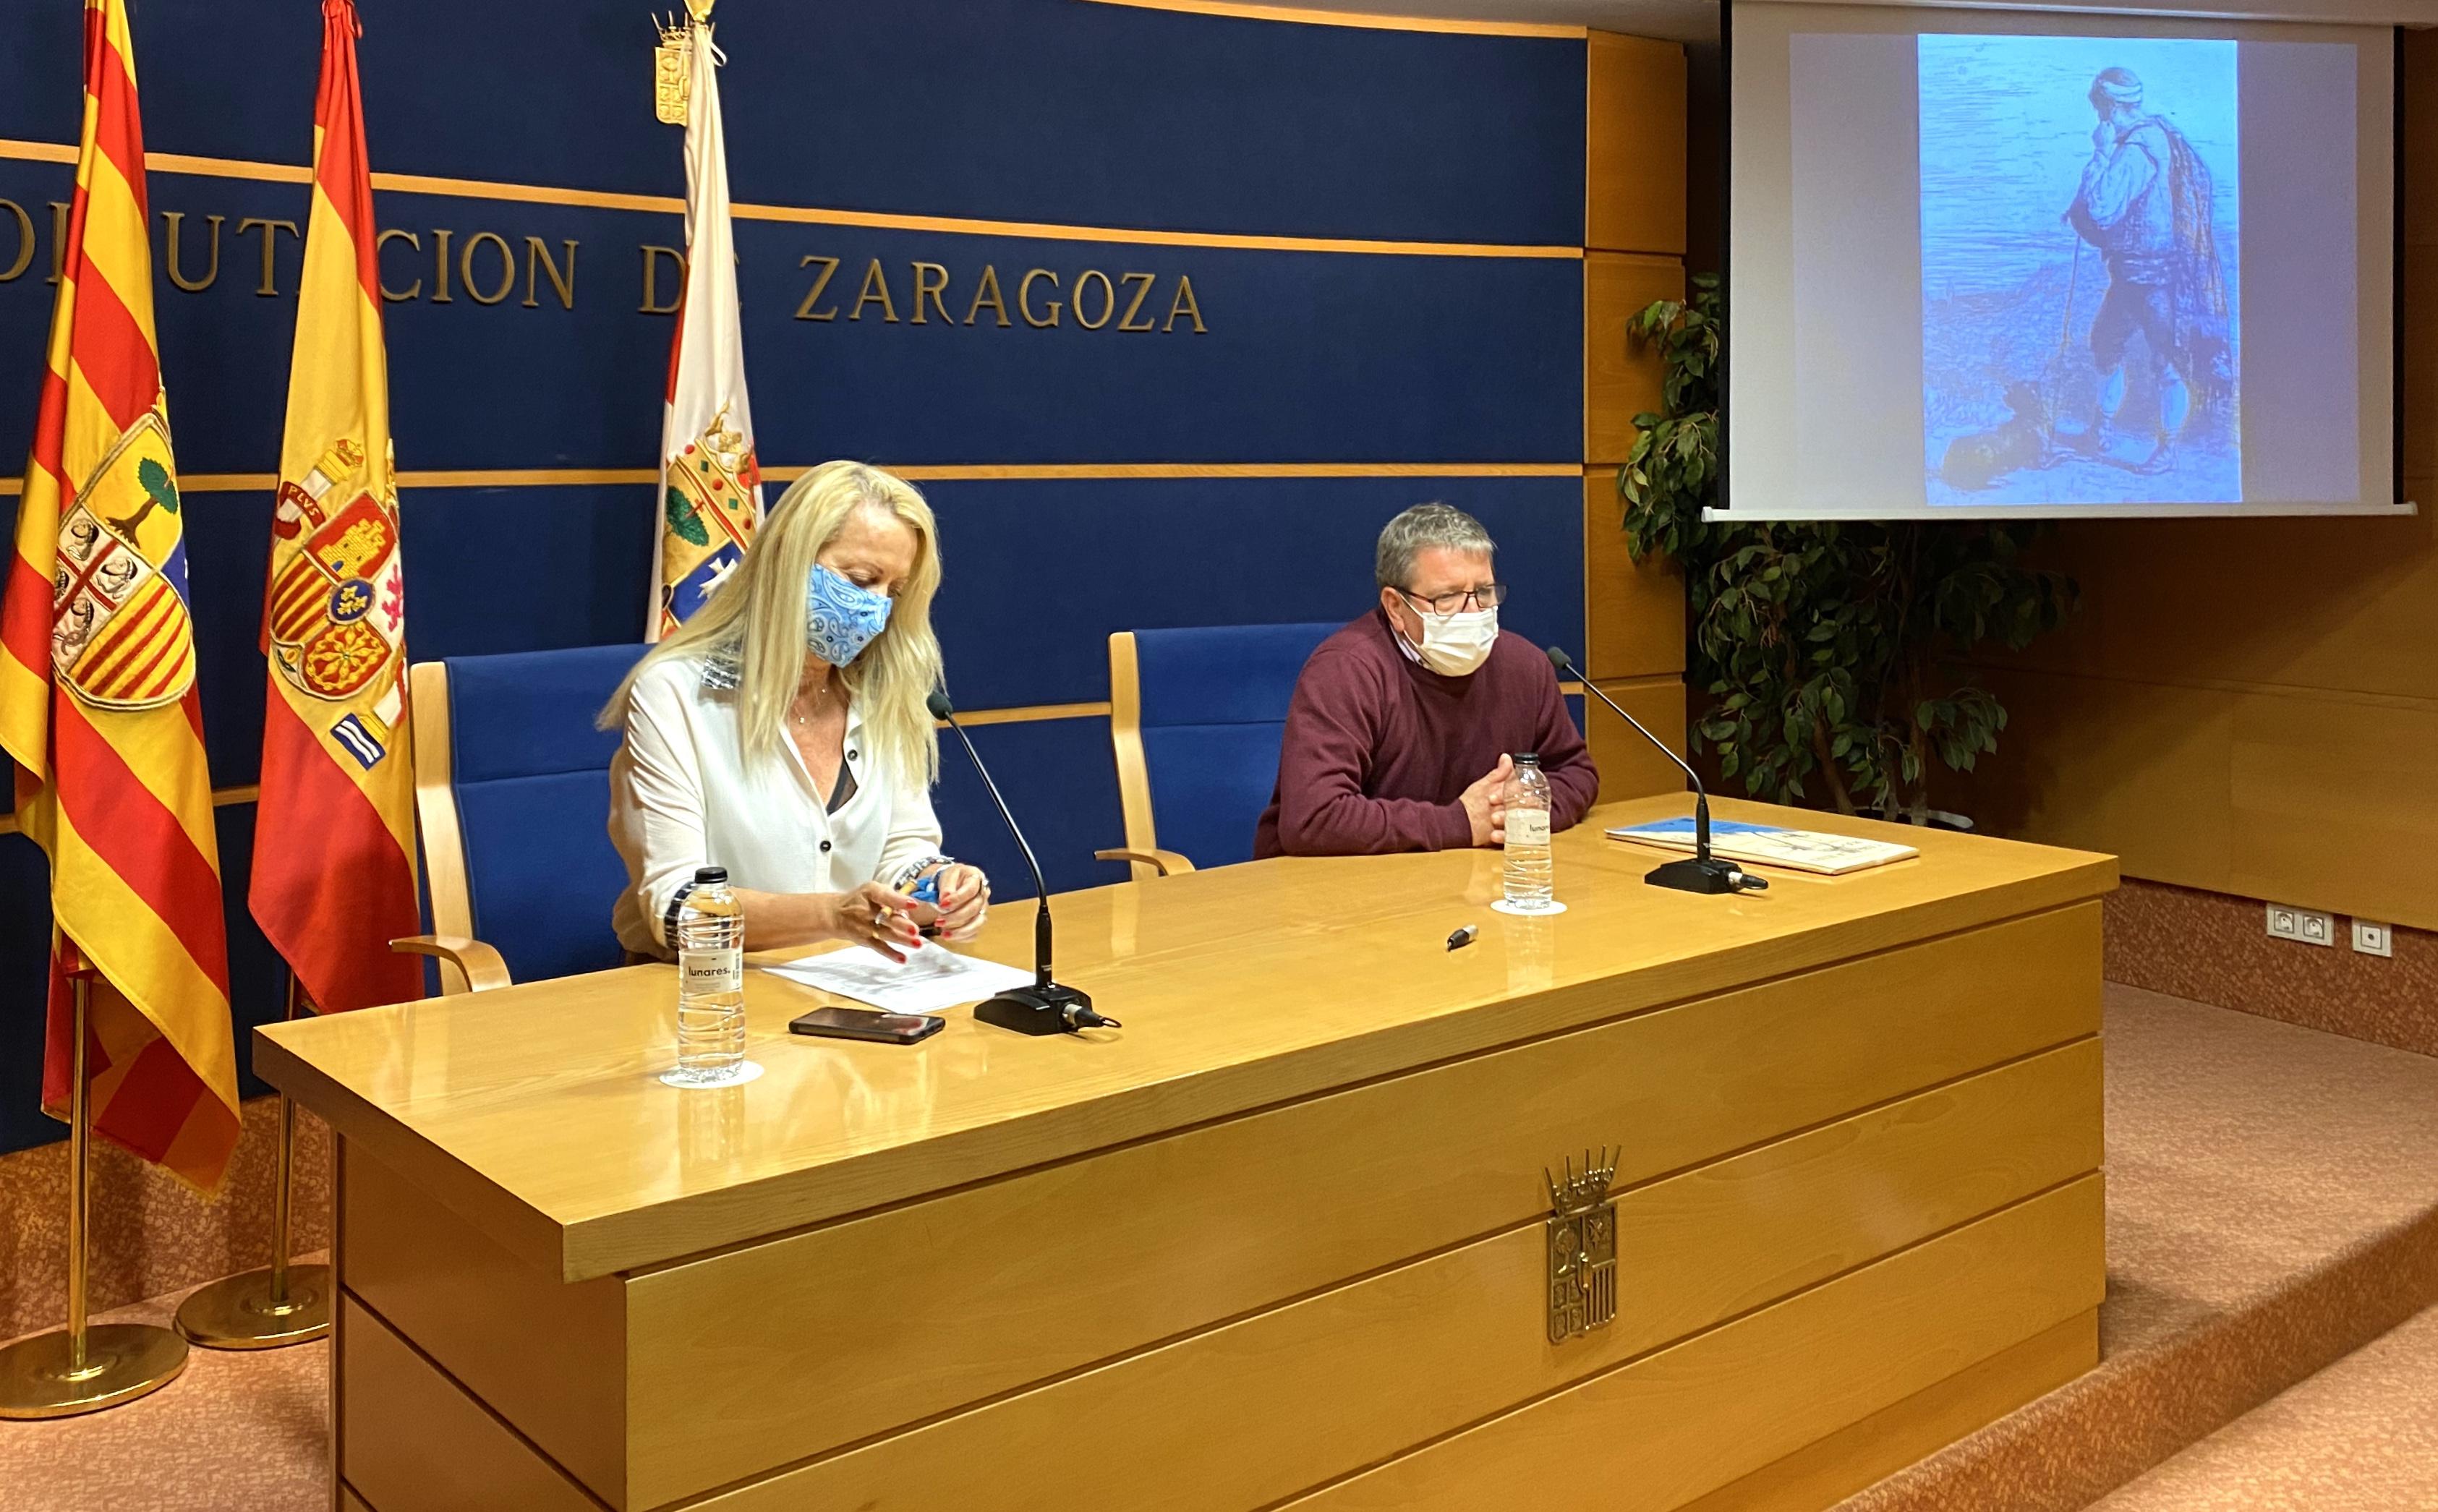 Los grabados de Carlos de Haes en la Diputación de Zaragoza